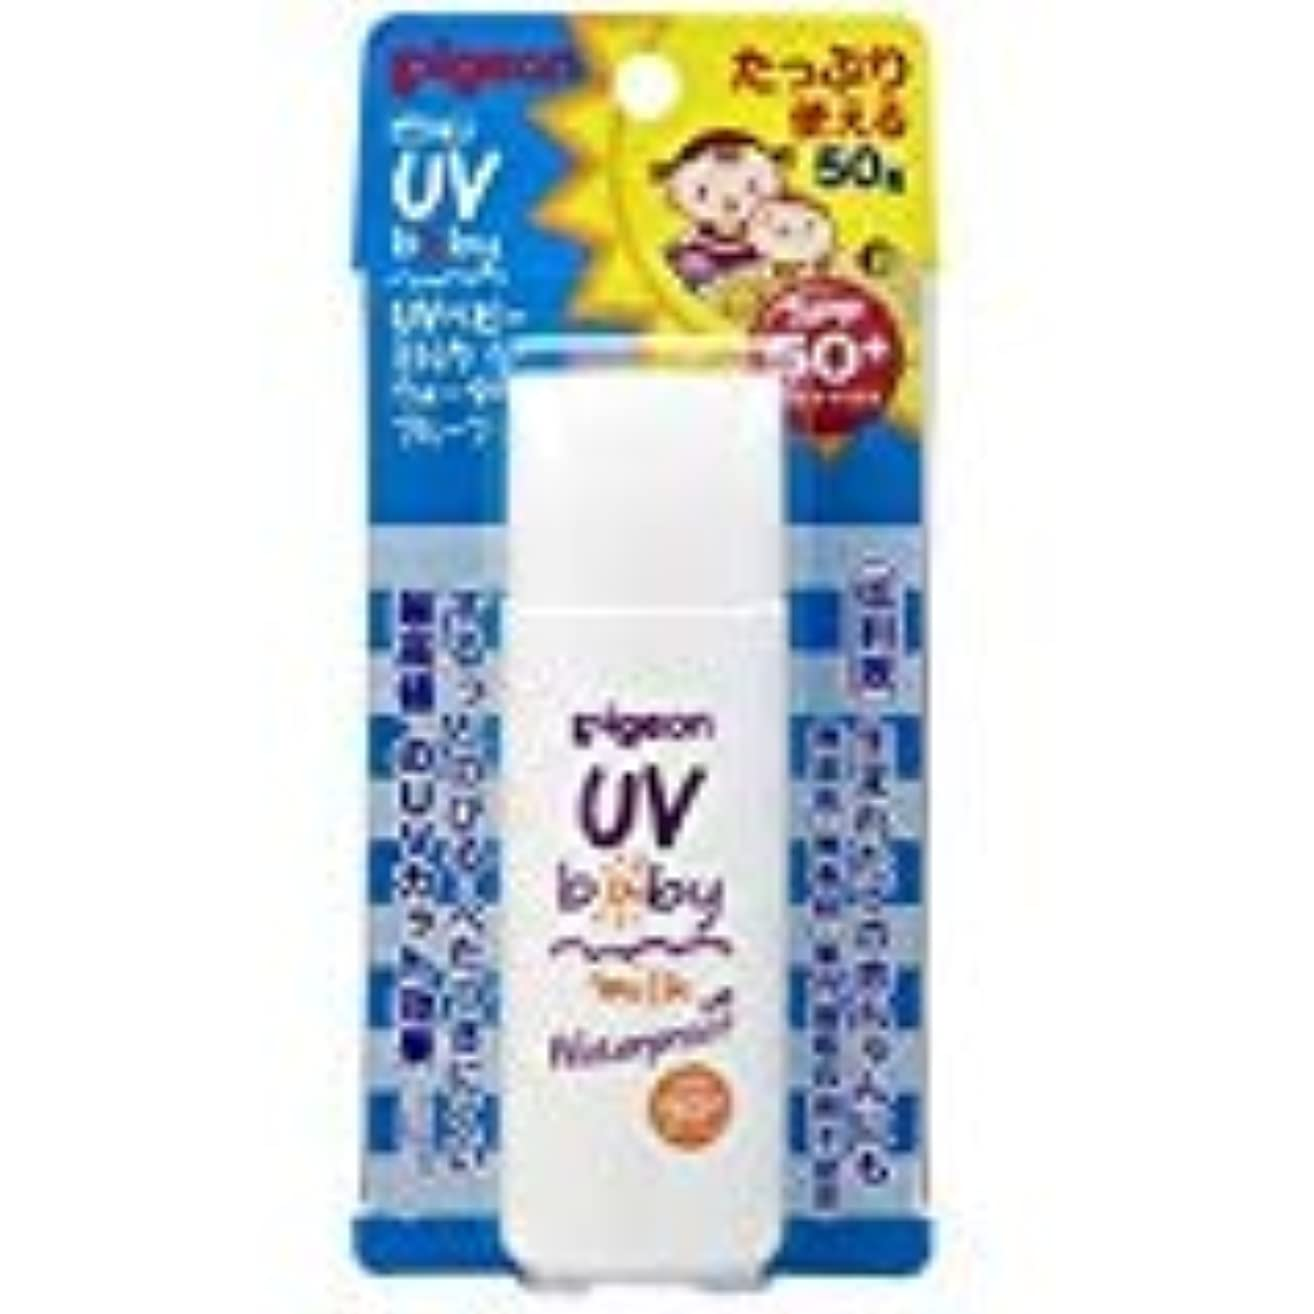 購入先史時代の虐待ピジョン UVベビーミルク ウォータープルーフ SPF50+ 50g